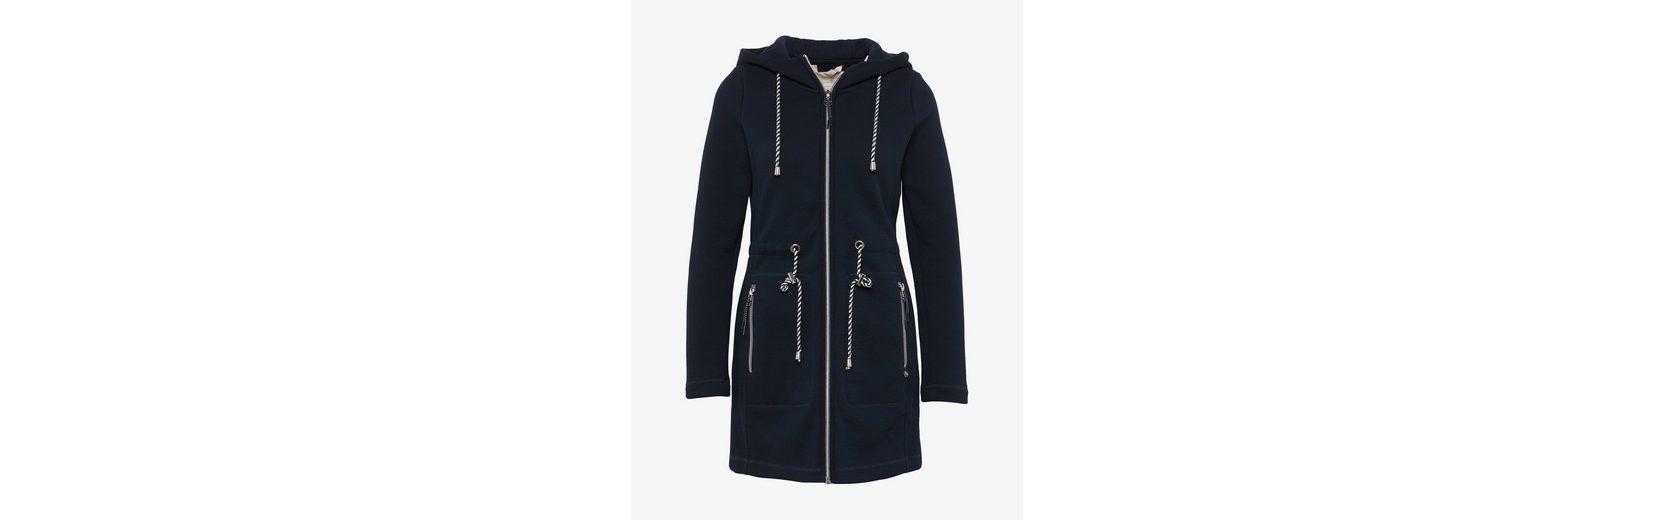 Günstiger Preis Versandkosten Für Tom Tailor Denim Softshellmantel taillierter Mantel aus Softshell Billig Billig Authentisch Zu Verkaufen pQaBTr8